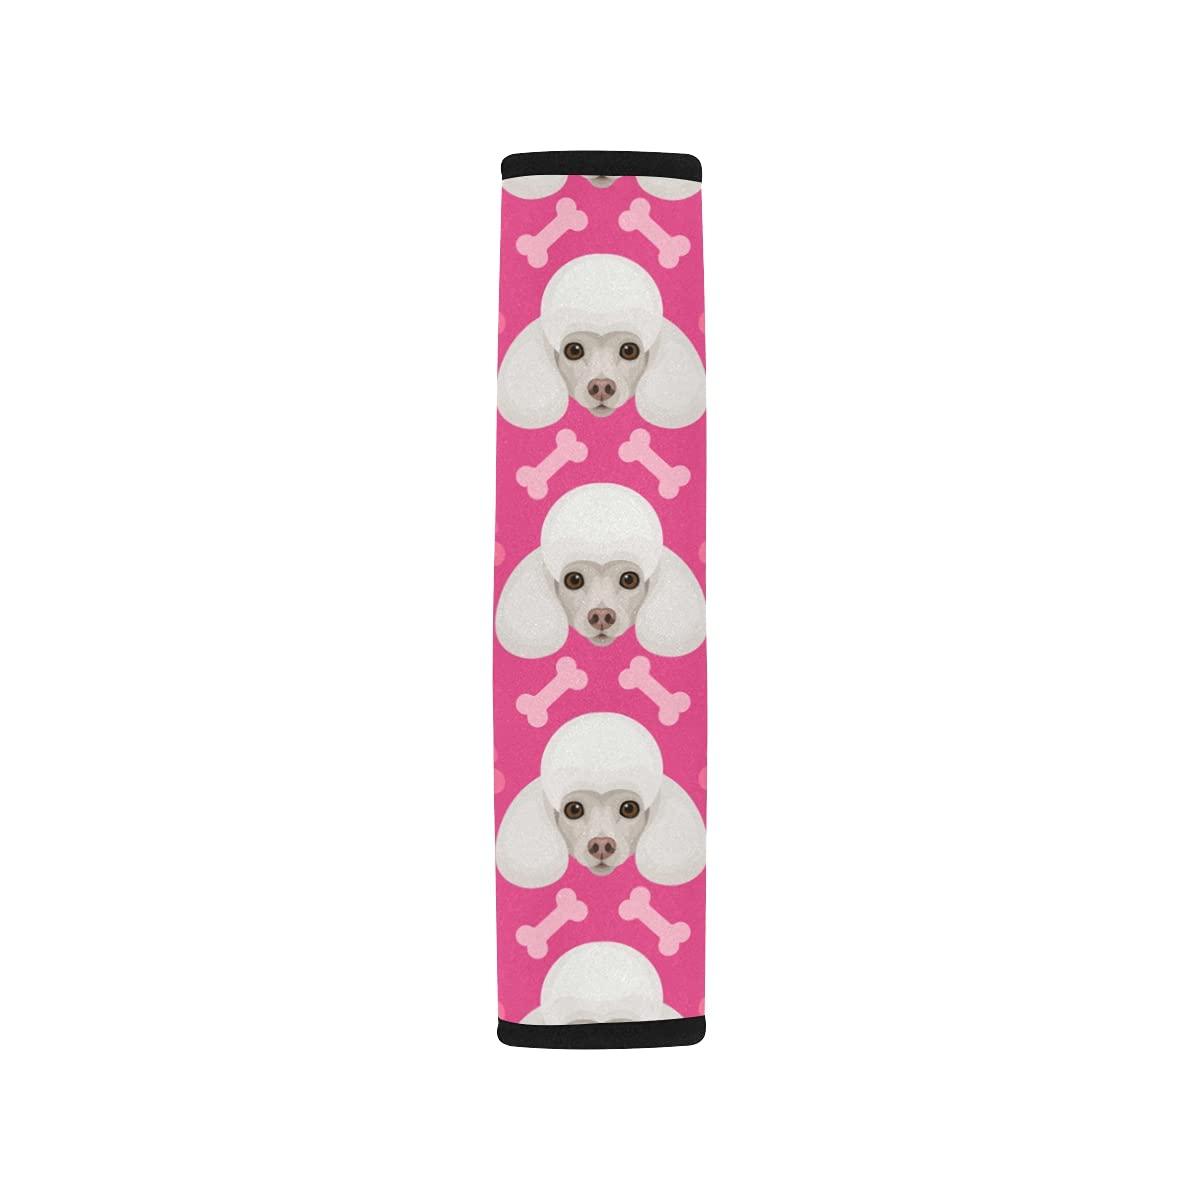 2pcs Car Seat Belt Cover Shoulder Adorable Poodle Limited price Under blast sales sale Seatbelt Cute